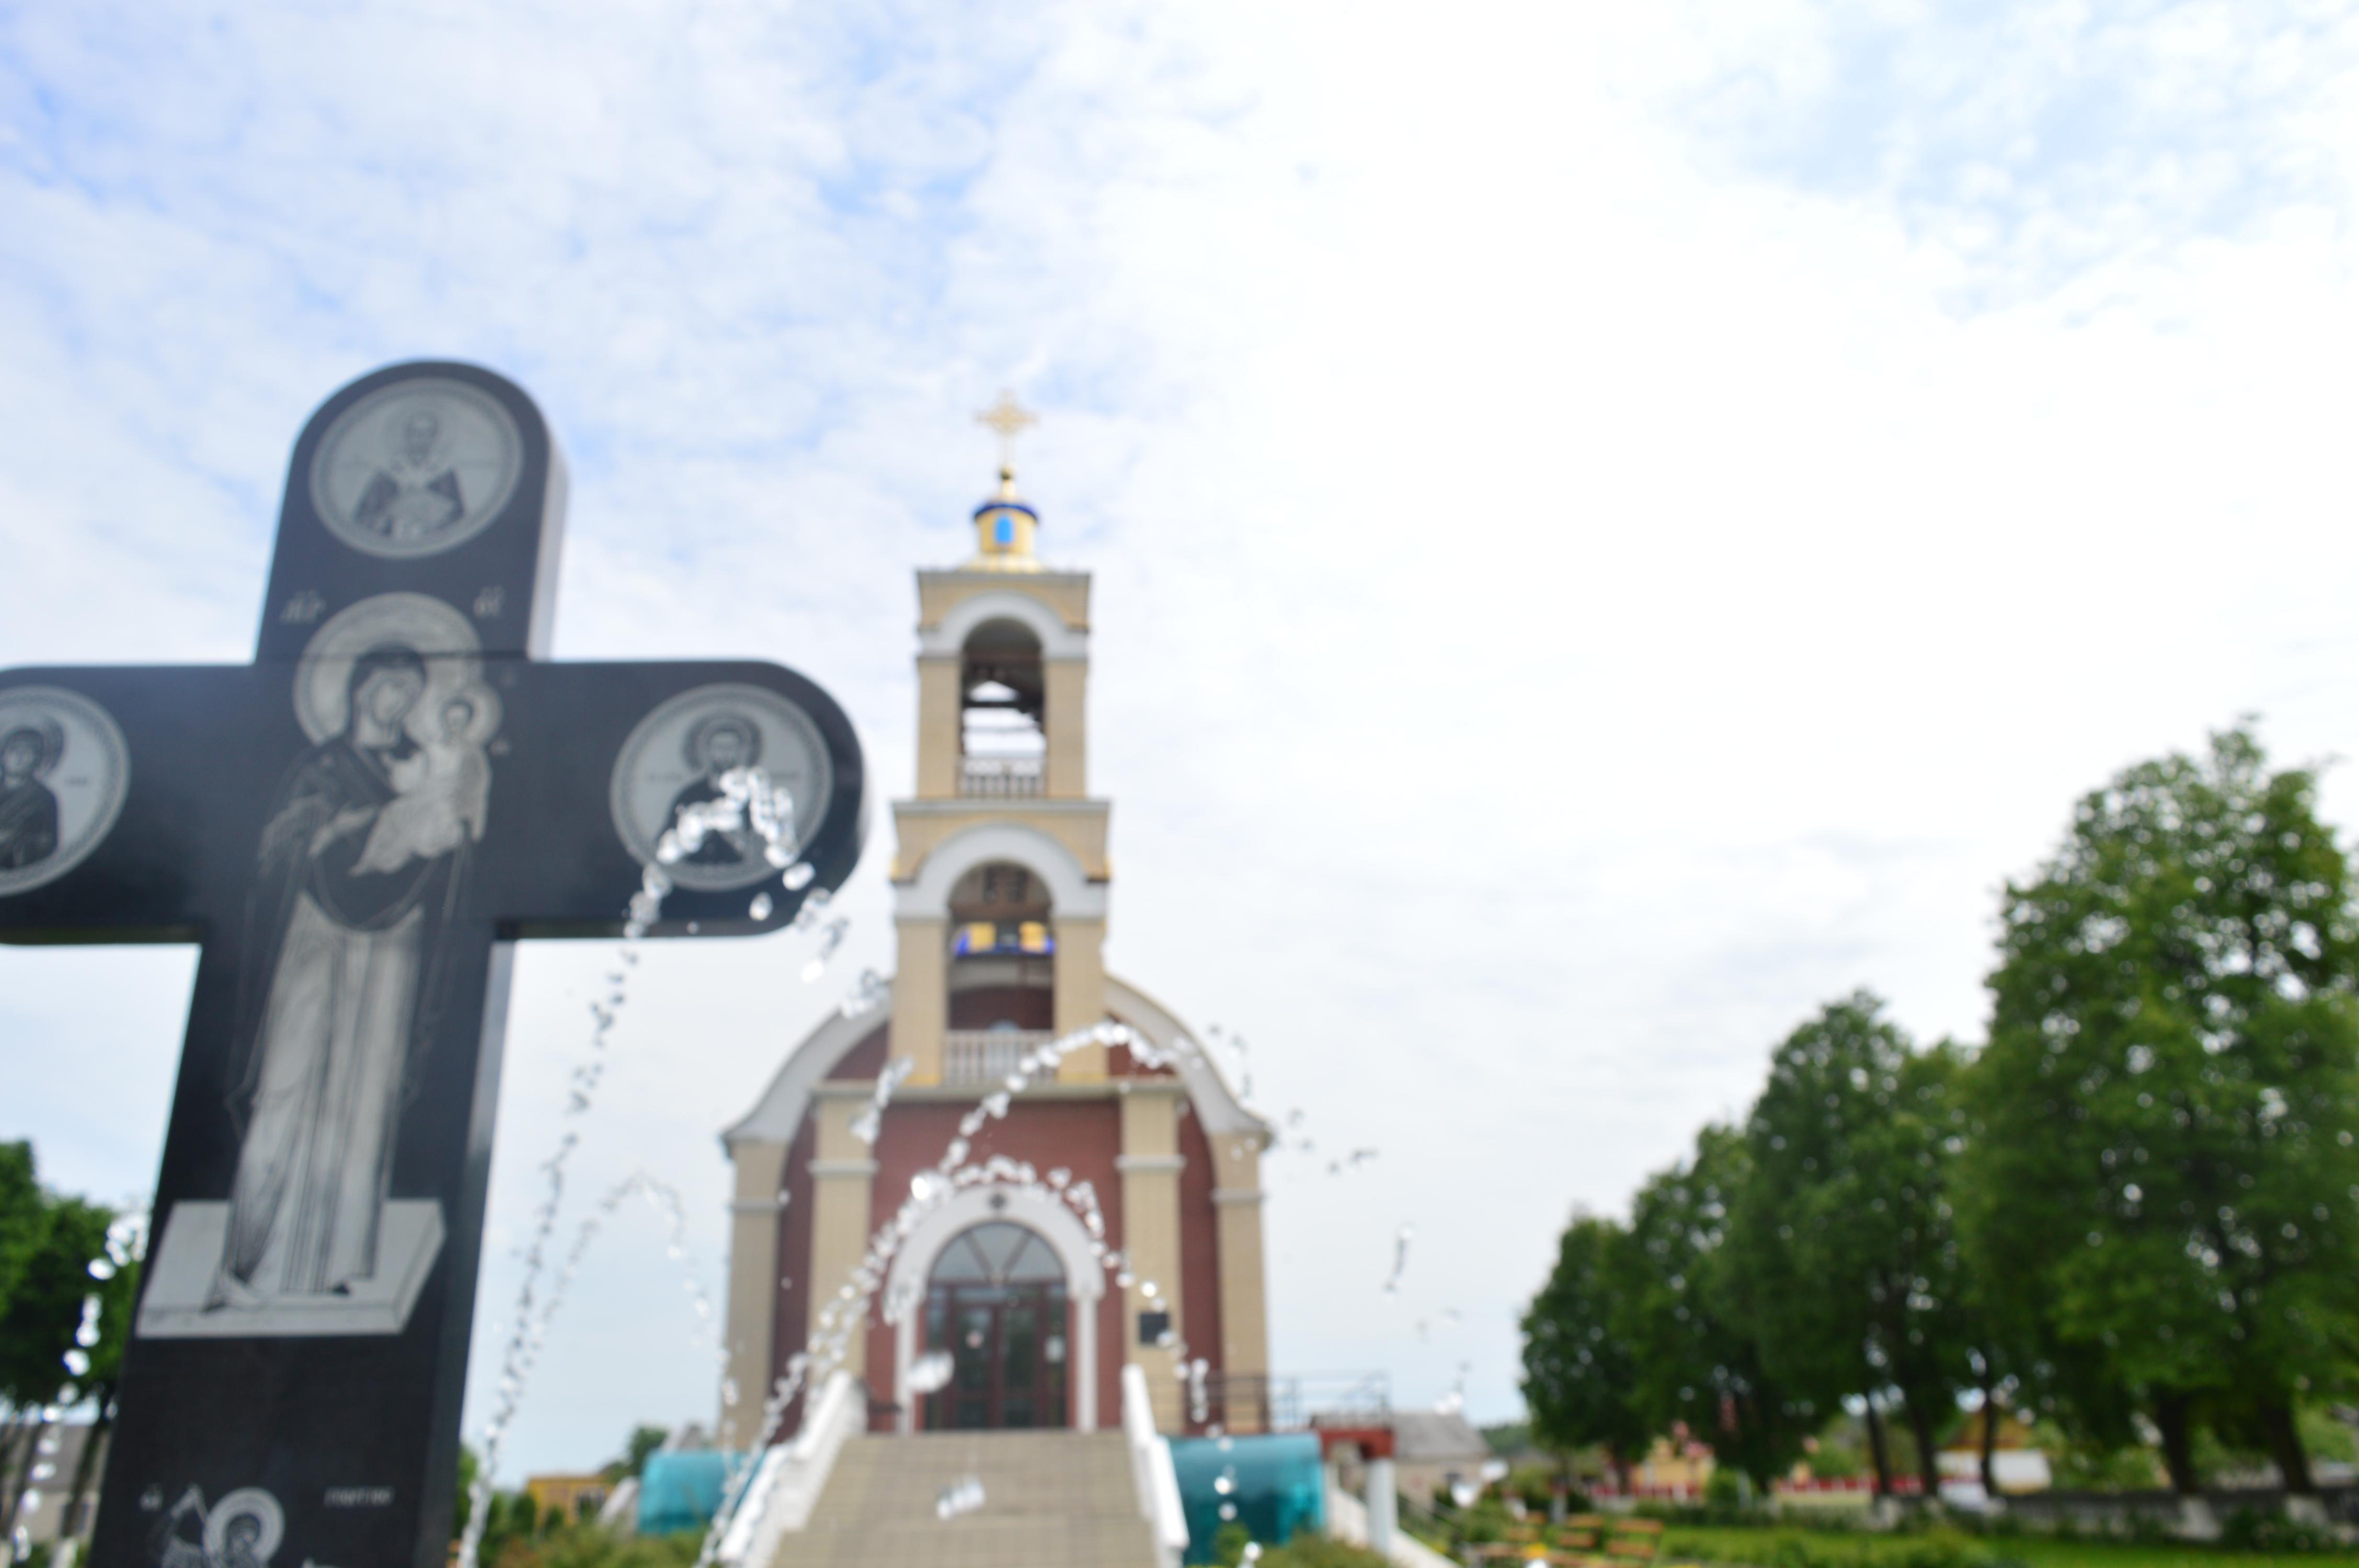 Председатель Синодальной комиссии БПЦ возглавил праздник семьи в Яглевичах